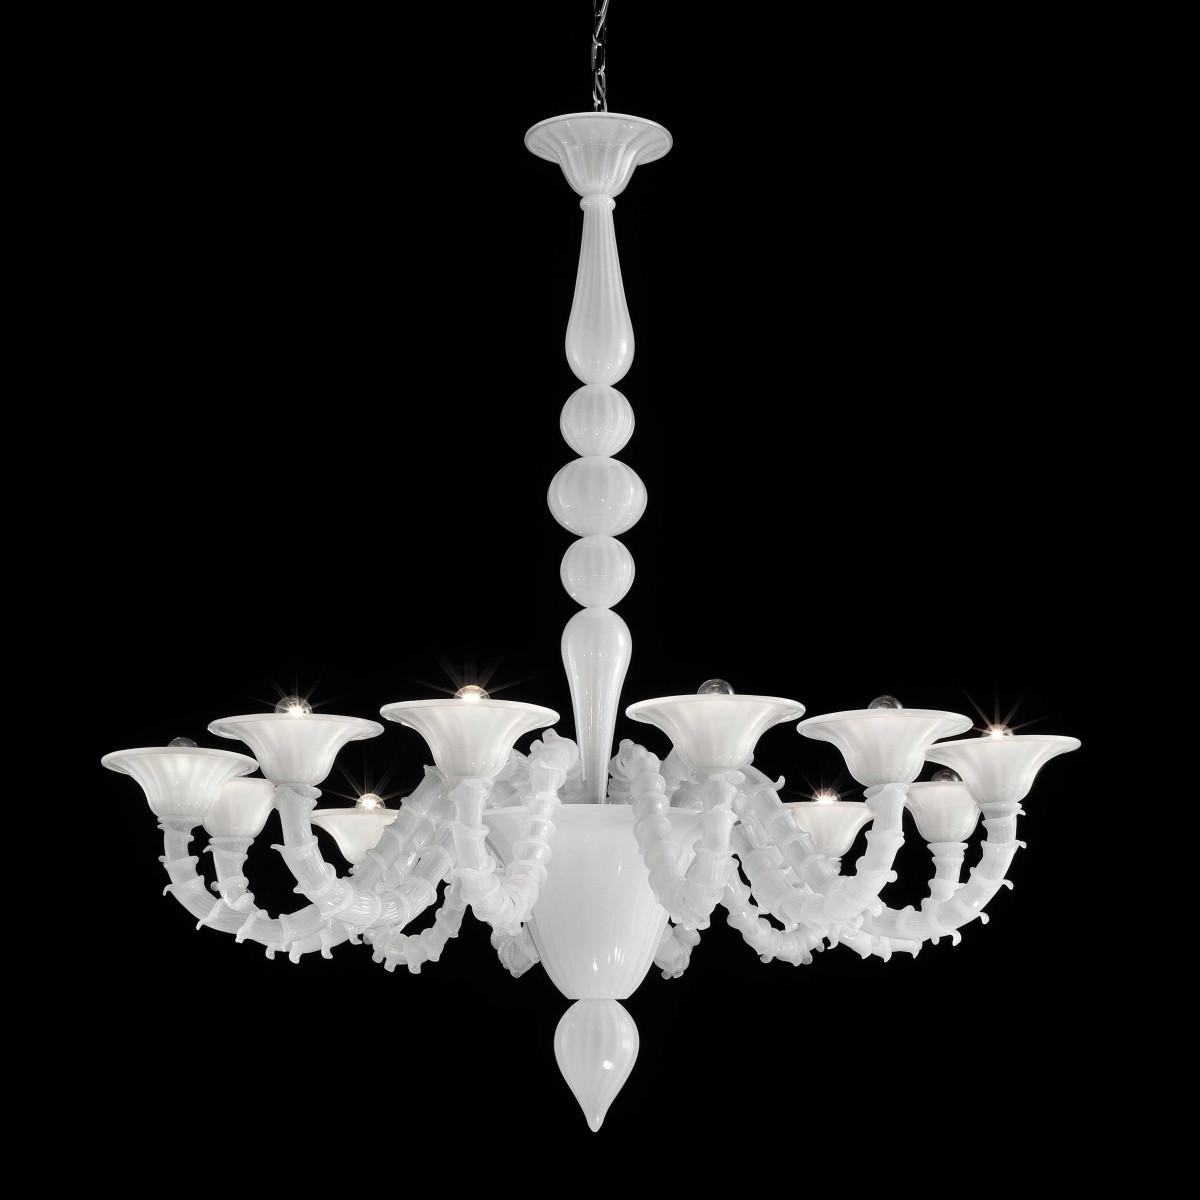 """""""Candido"""" lampara de araña de Murano - 6 luces, blanco"""